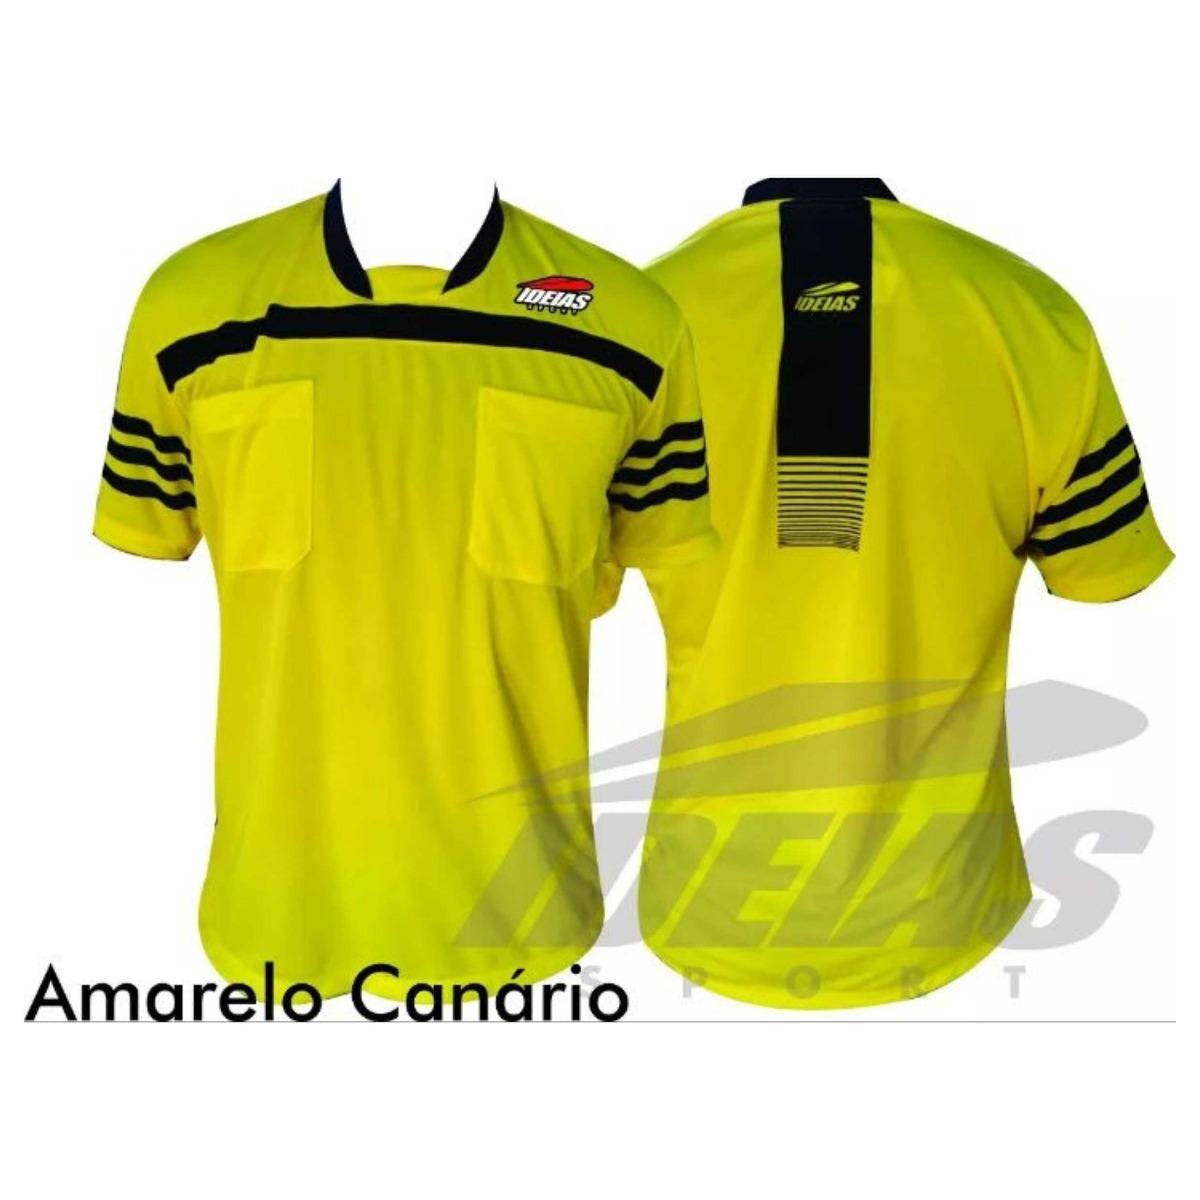 camisa árbitro de futebol arbitragem futsal esporte original. Carregando  zoom. 05e4d24116414